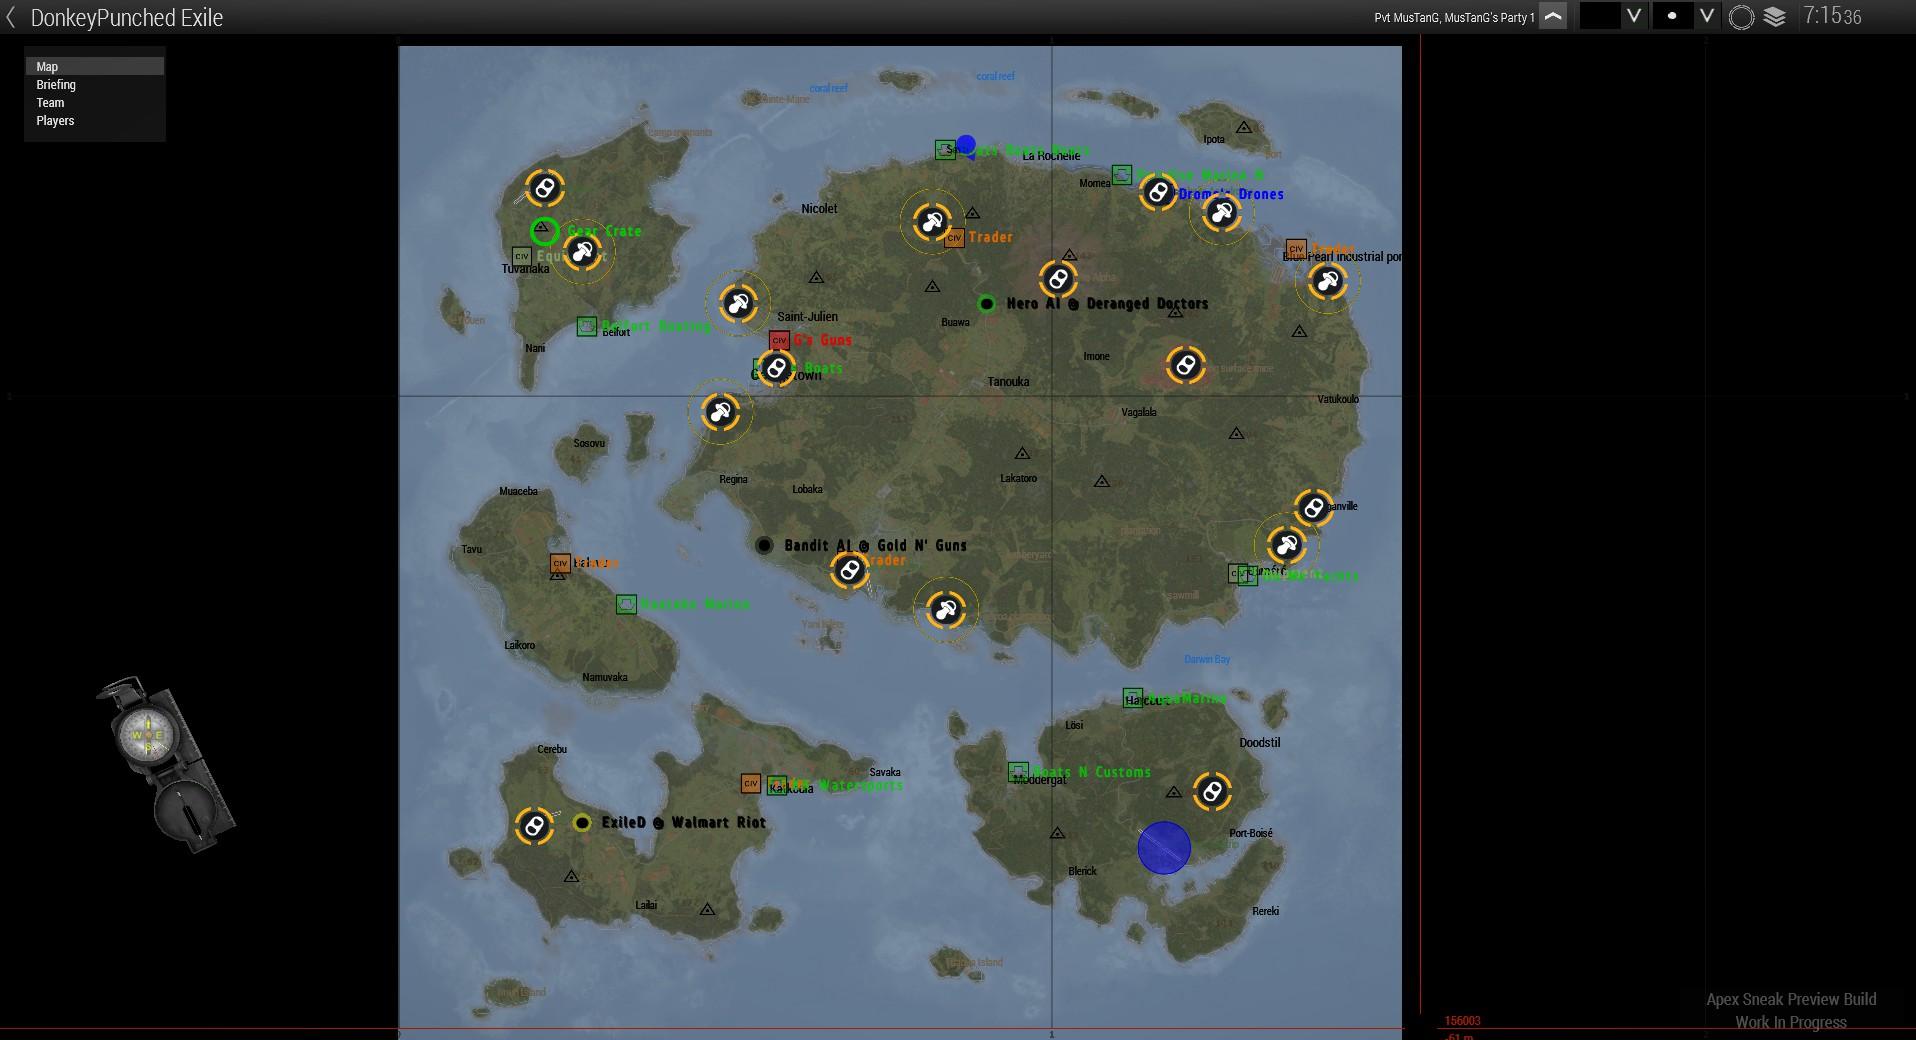 DonkeyPunch Gaming Community Website